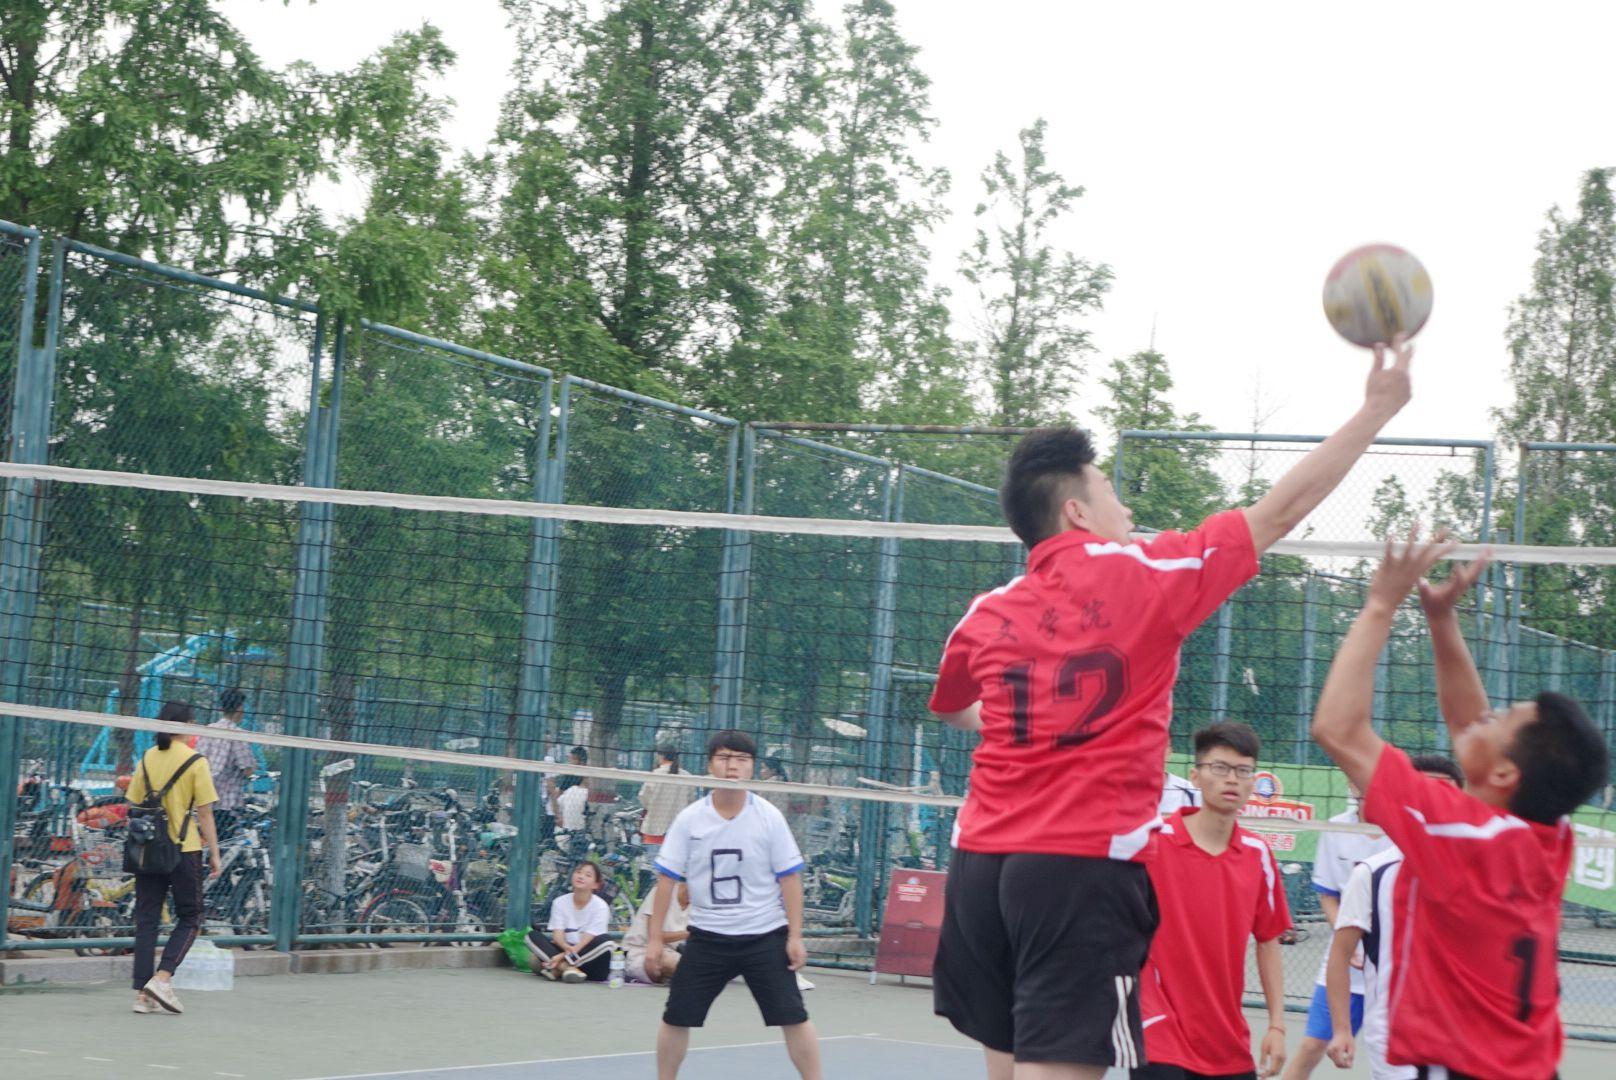 我院参加排球比赛系列报道 七